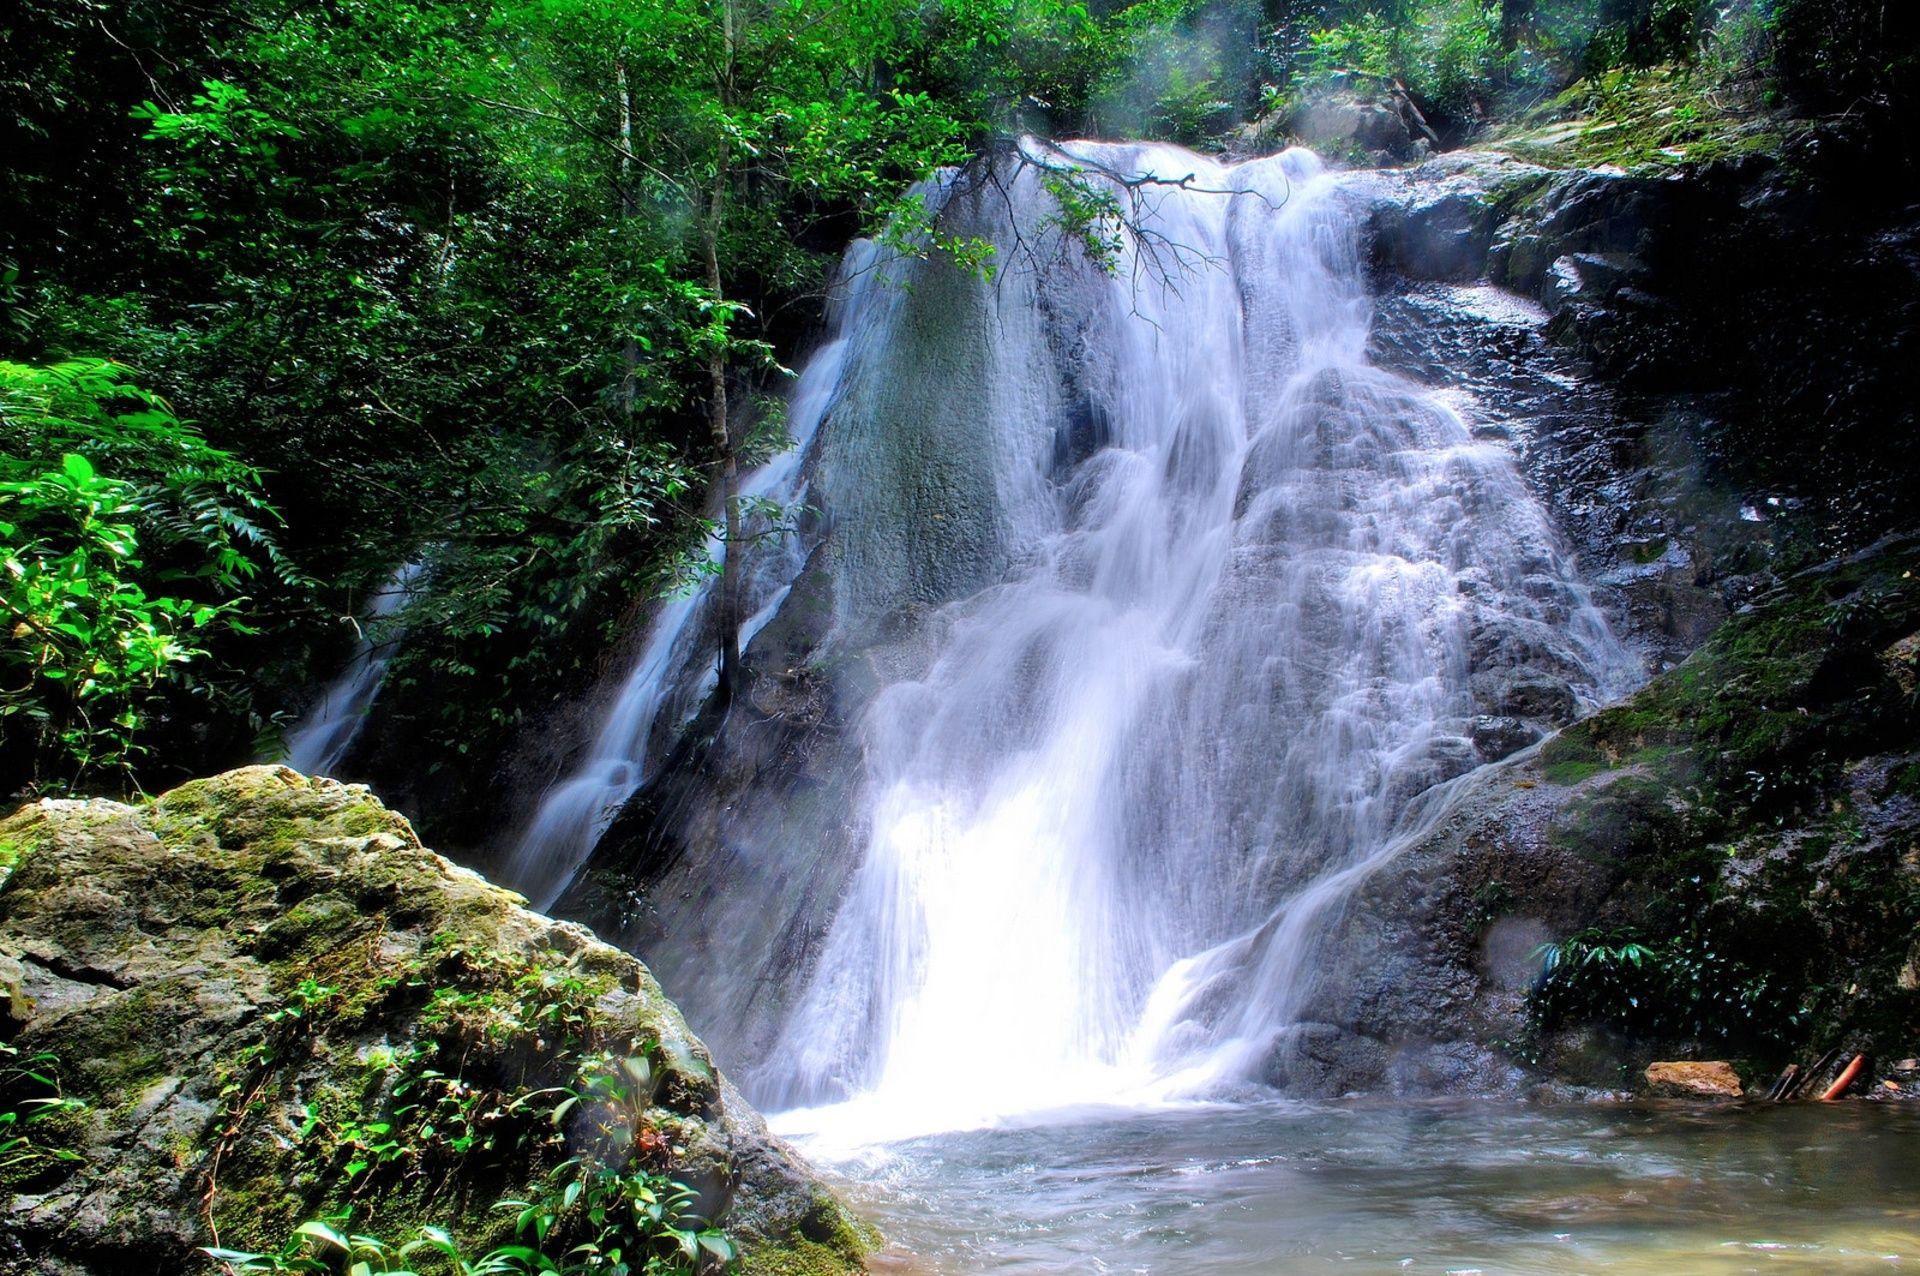 Kuta Malaka Waterfall